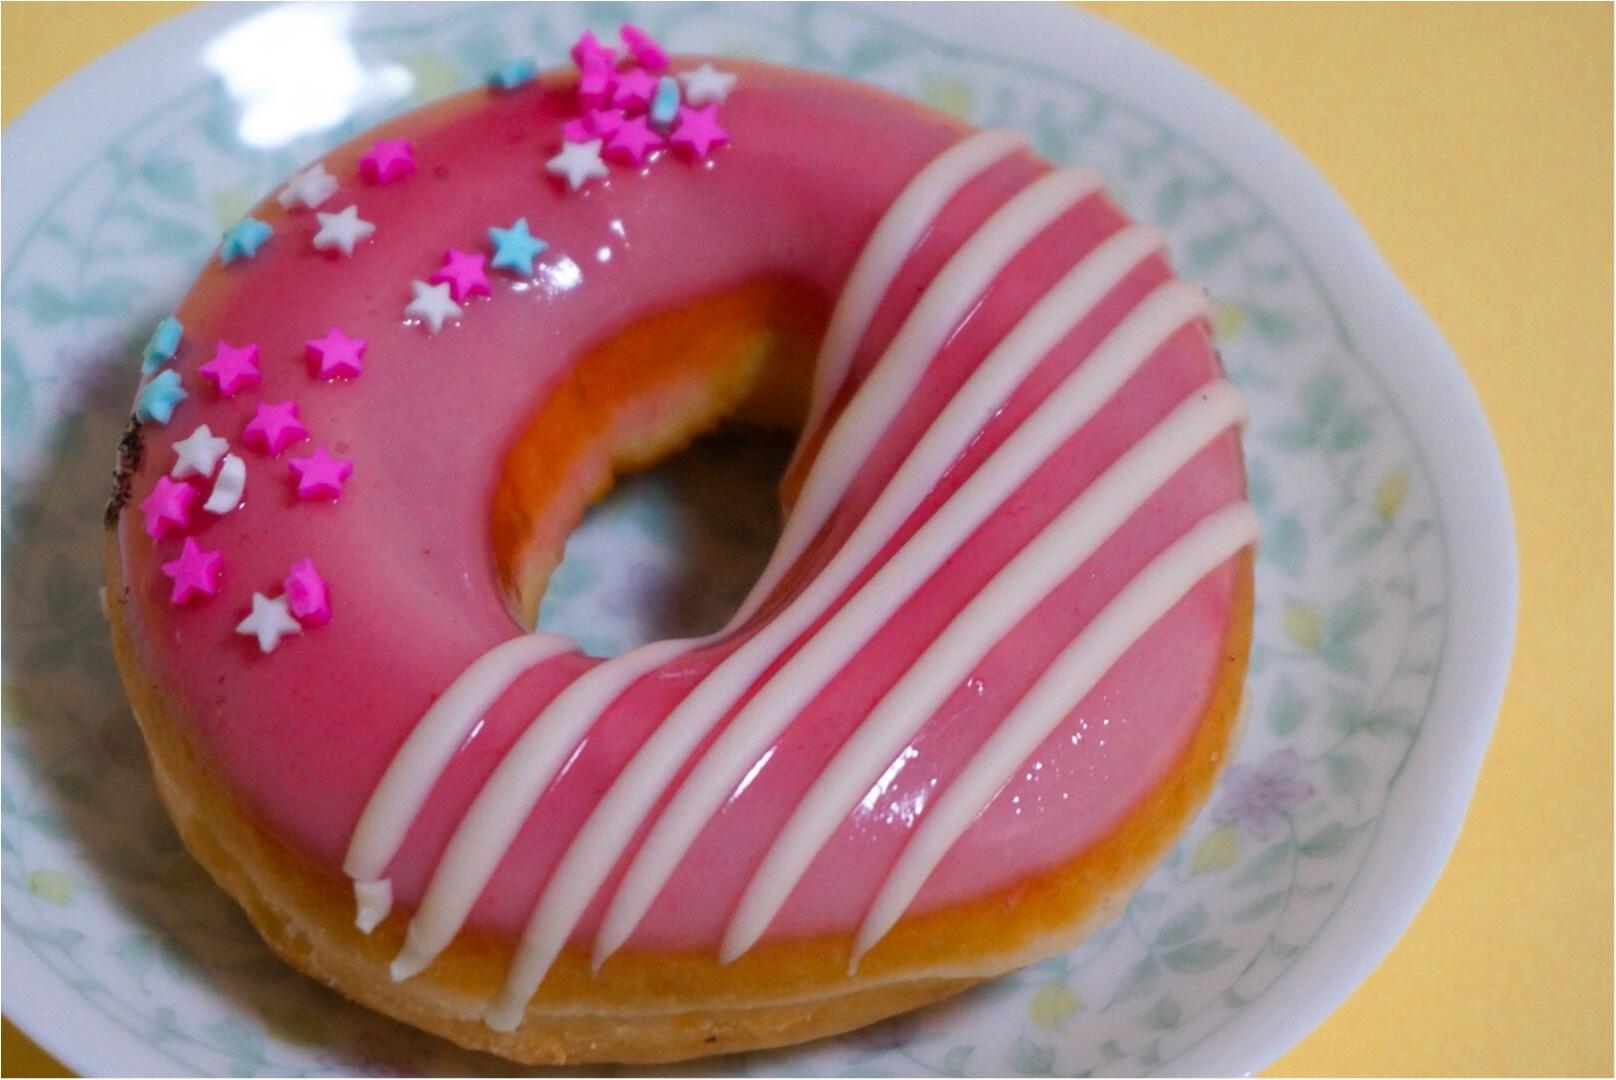 《夢のコラボが実現‼︎》こんなの待ってた♡今日から発売【クリスピークリームドーナッツ】の新作はひと味違うヽ(^◇^*)/ _8